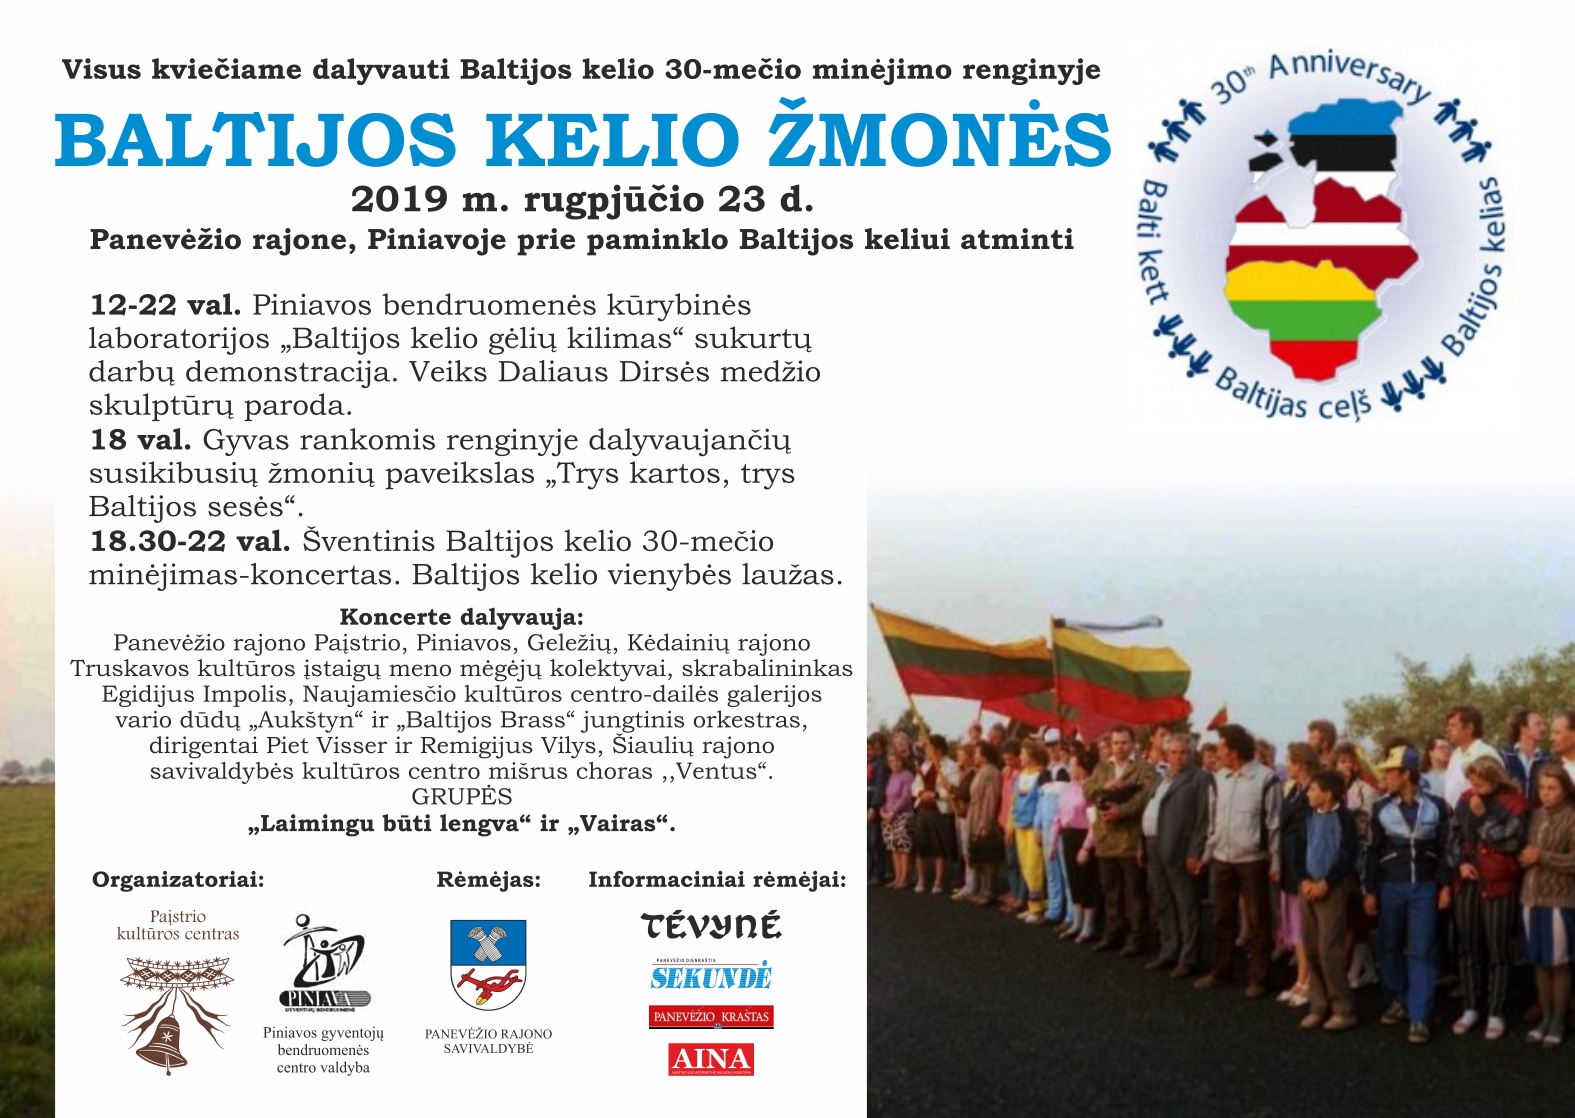 baltijos_kelias pakoreguotas